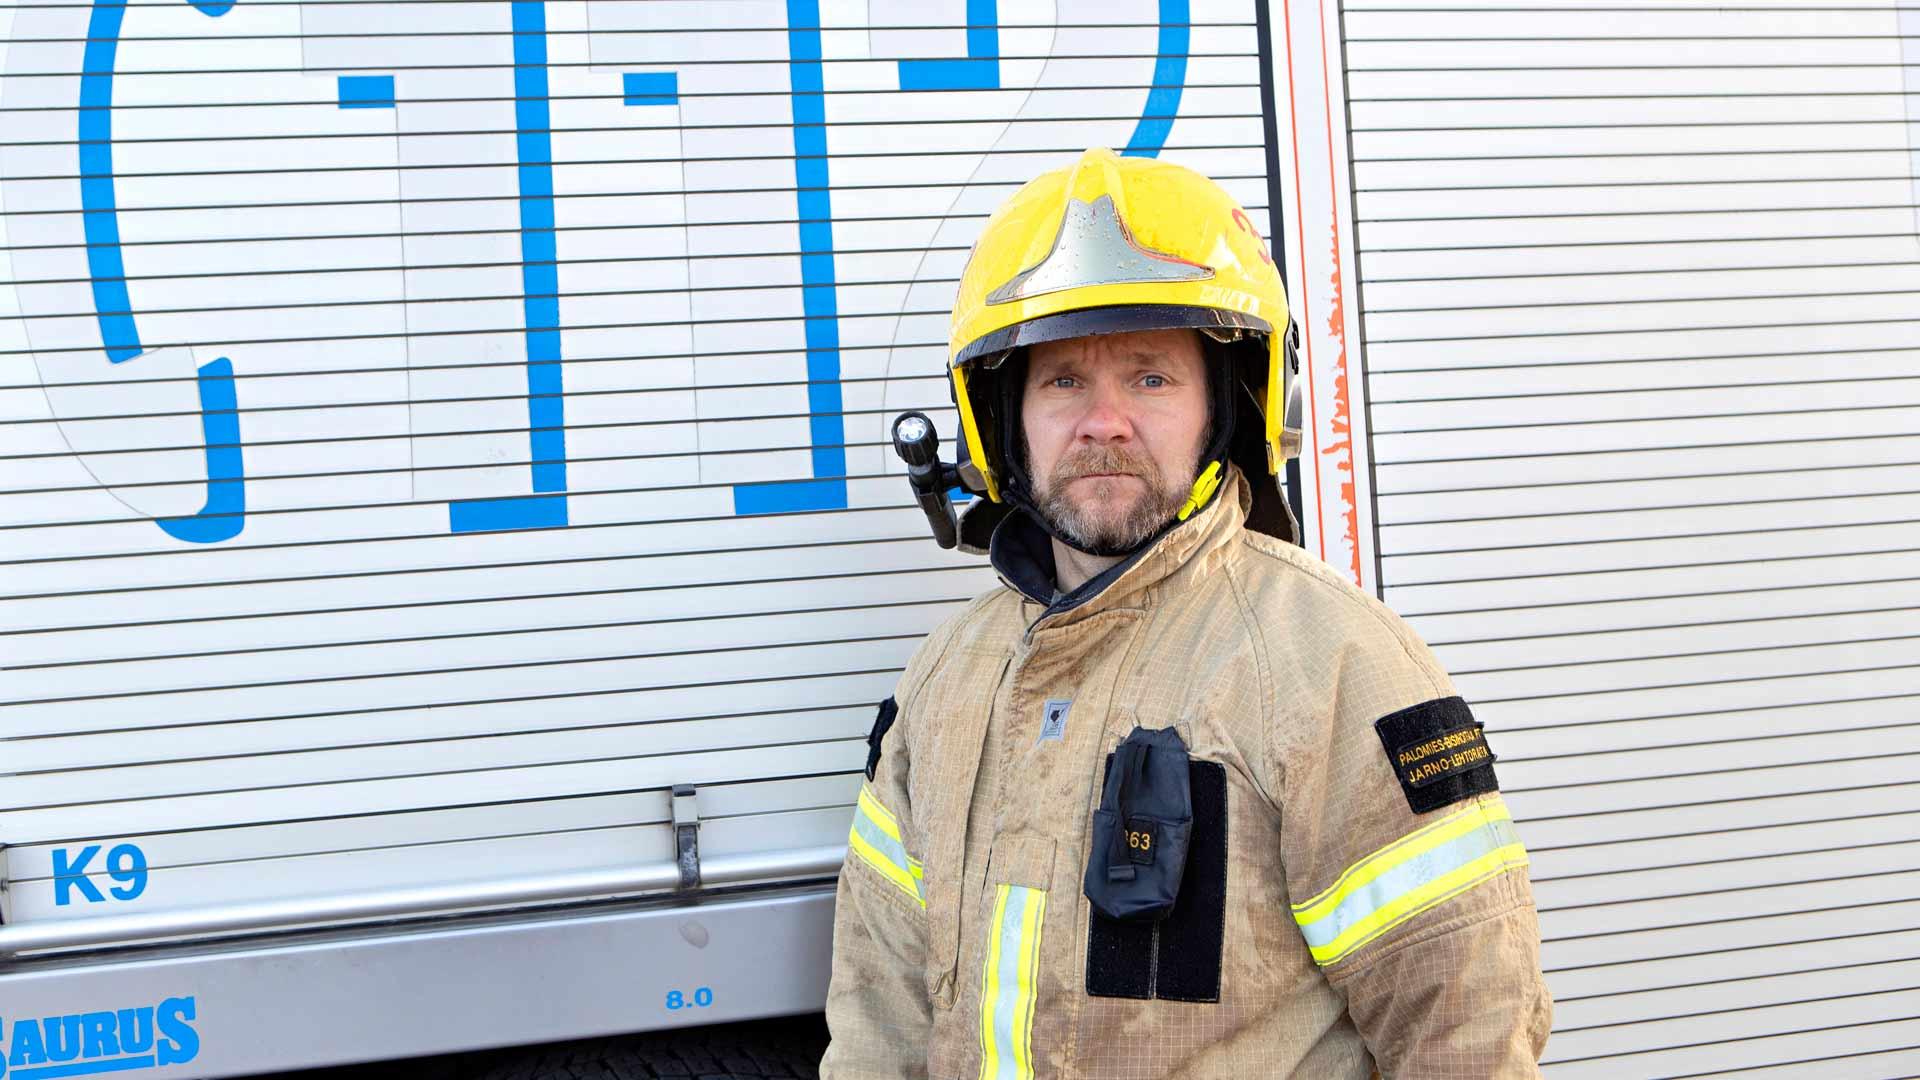 """Jarno Lehtoranta, 42: """"Pelastustyössä varsinainen mittari on henkinen kantti. Kun menee jännäksi, kasetin on pysyttävä kasassa."""""""